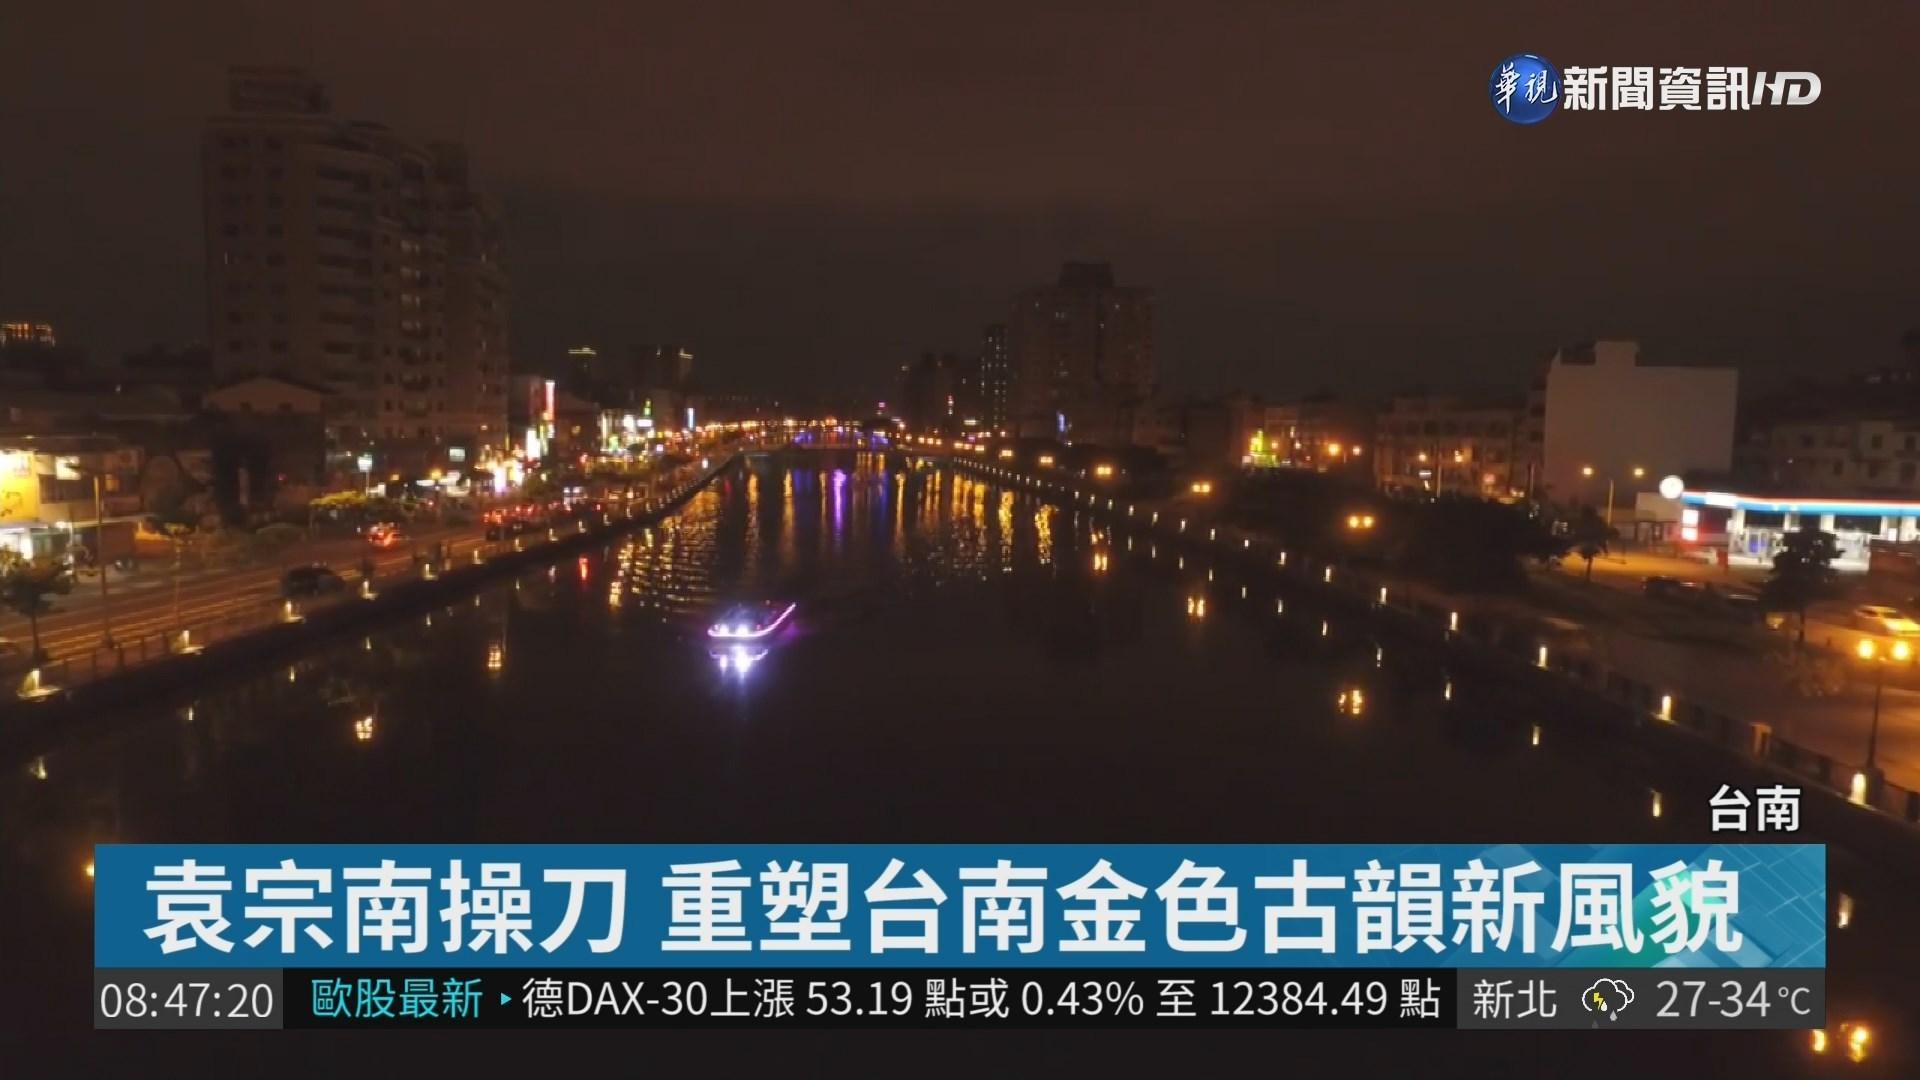 台南運河照明整治 打造古城新風貌